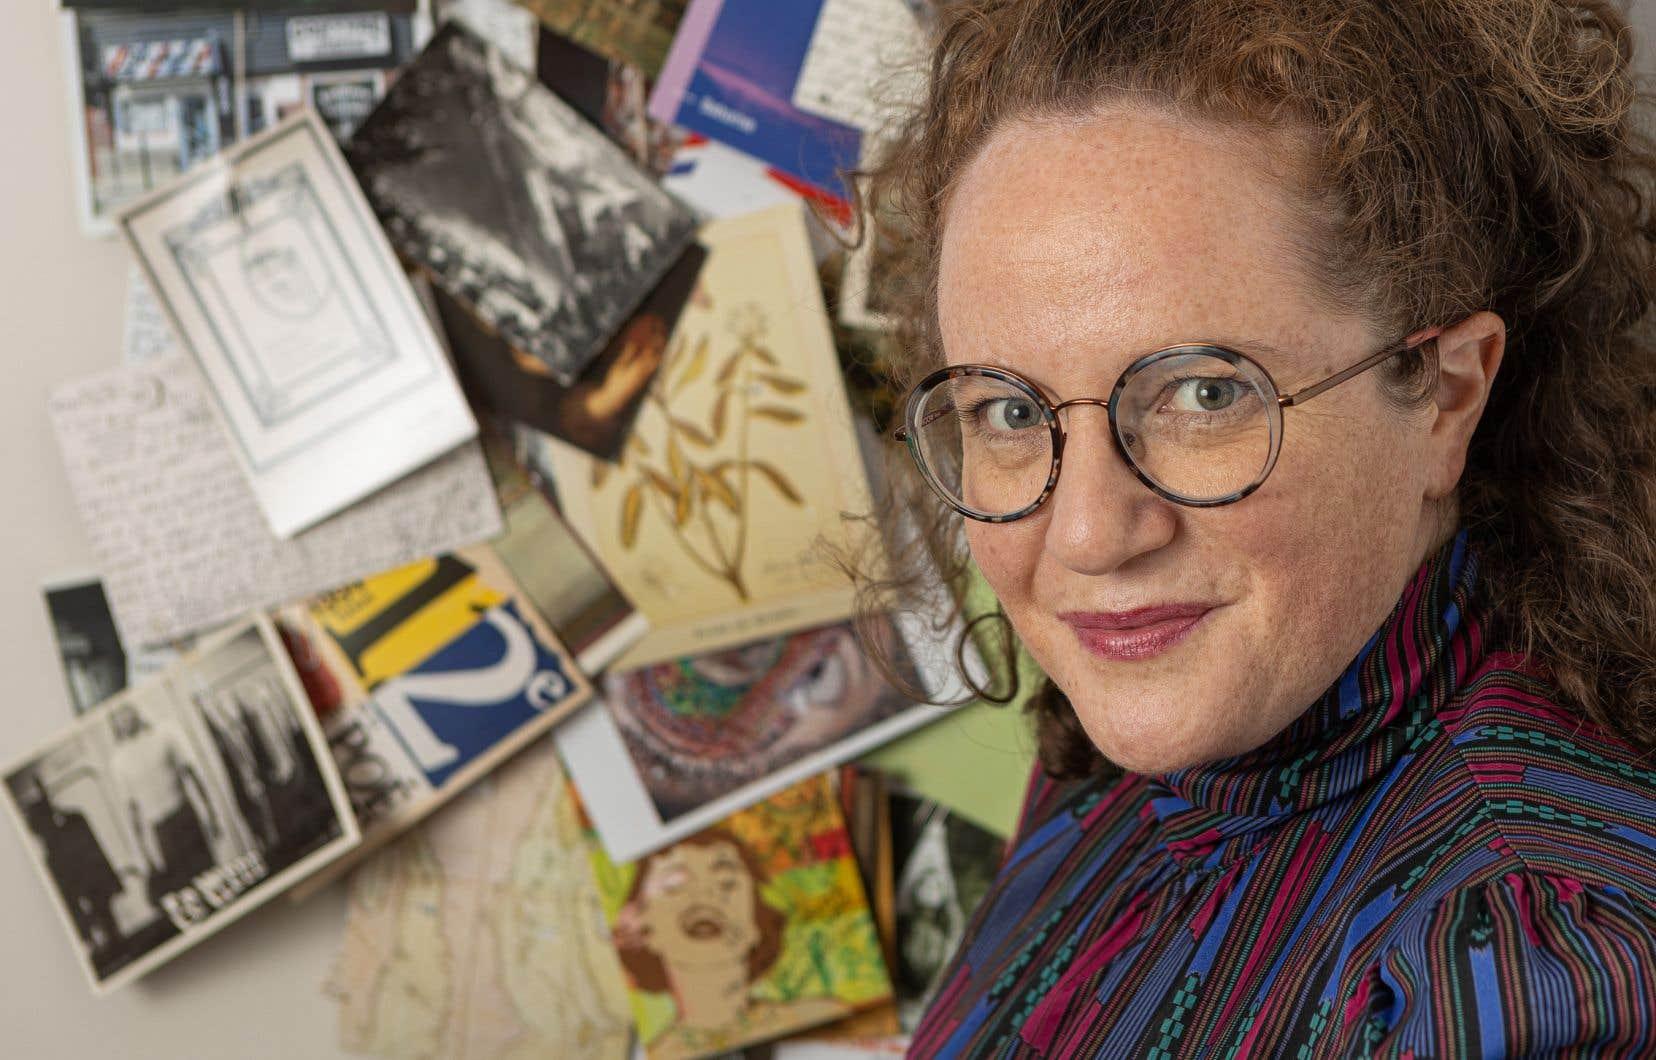 Afin de déjouer la tyrannie de l'hyperconnexion, Mélissa Verreault amorçait peu avant que la pandémie ne gagne le Canada en mars dernier une correspondance avec Bertrand Laverdure. Un dialogue par cartes postales et lettres manuscrites.